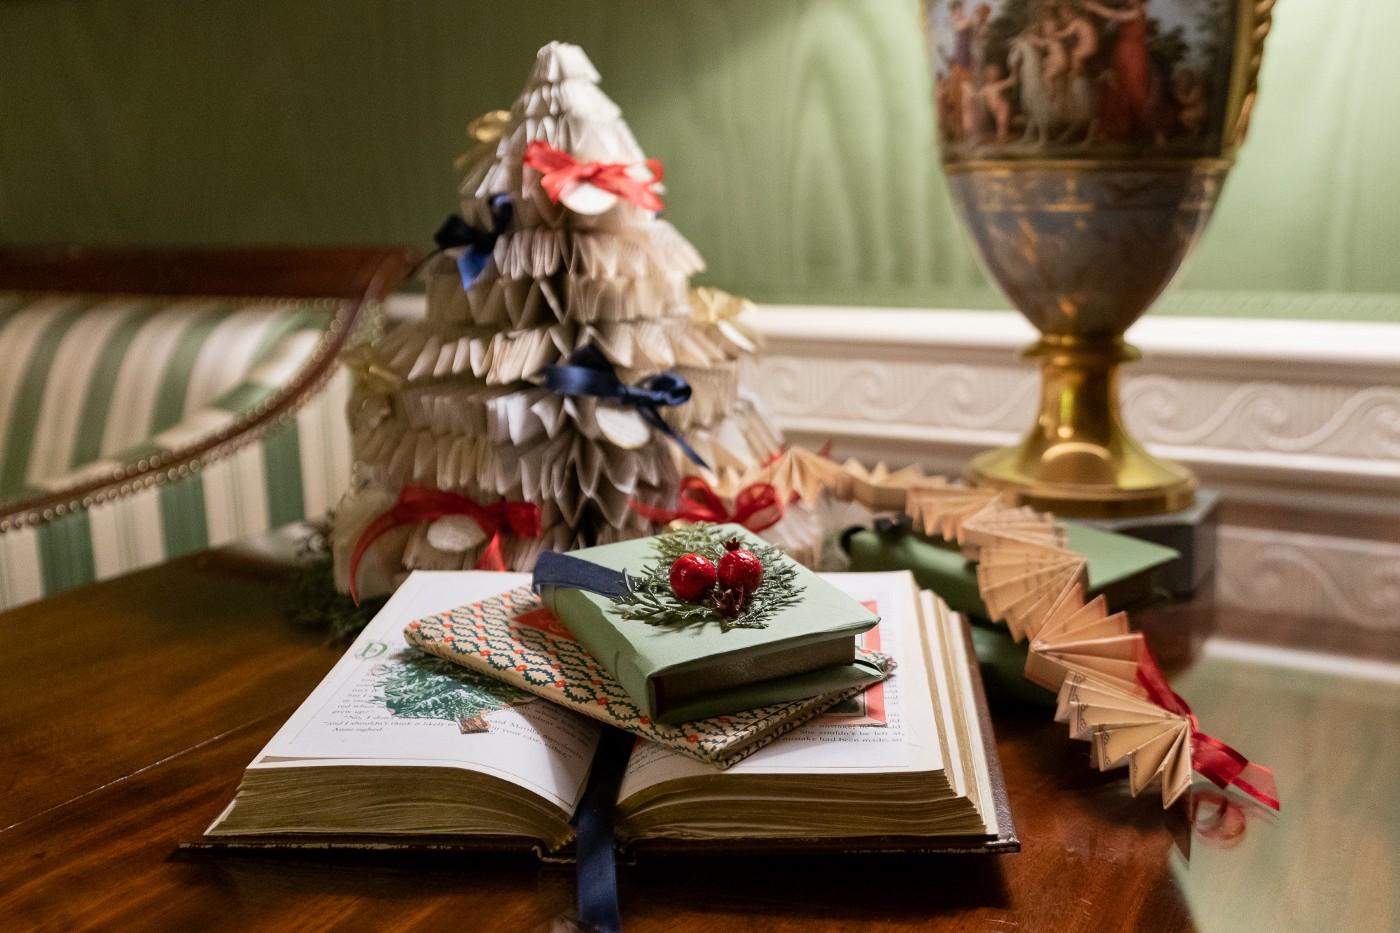 decoratedforthechristmas